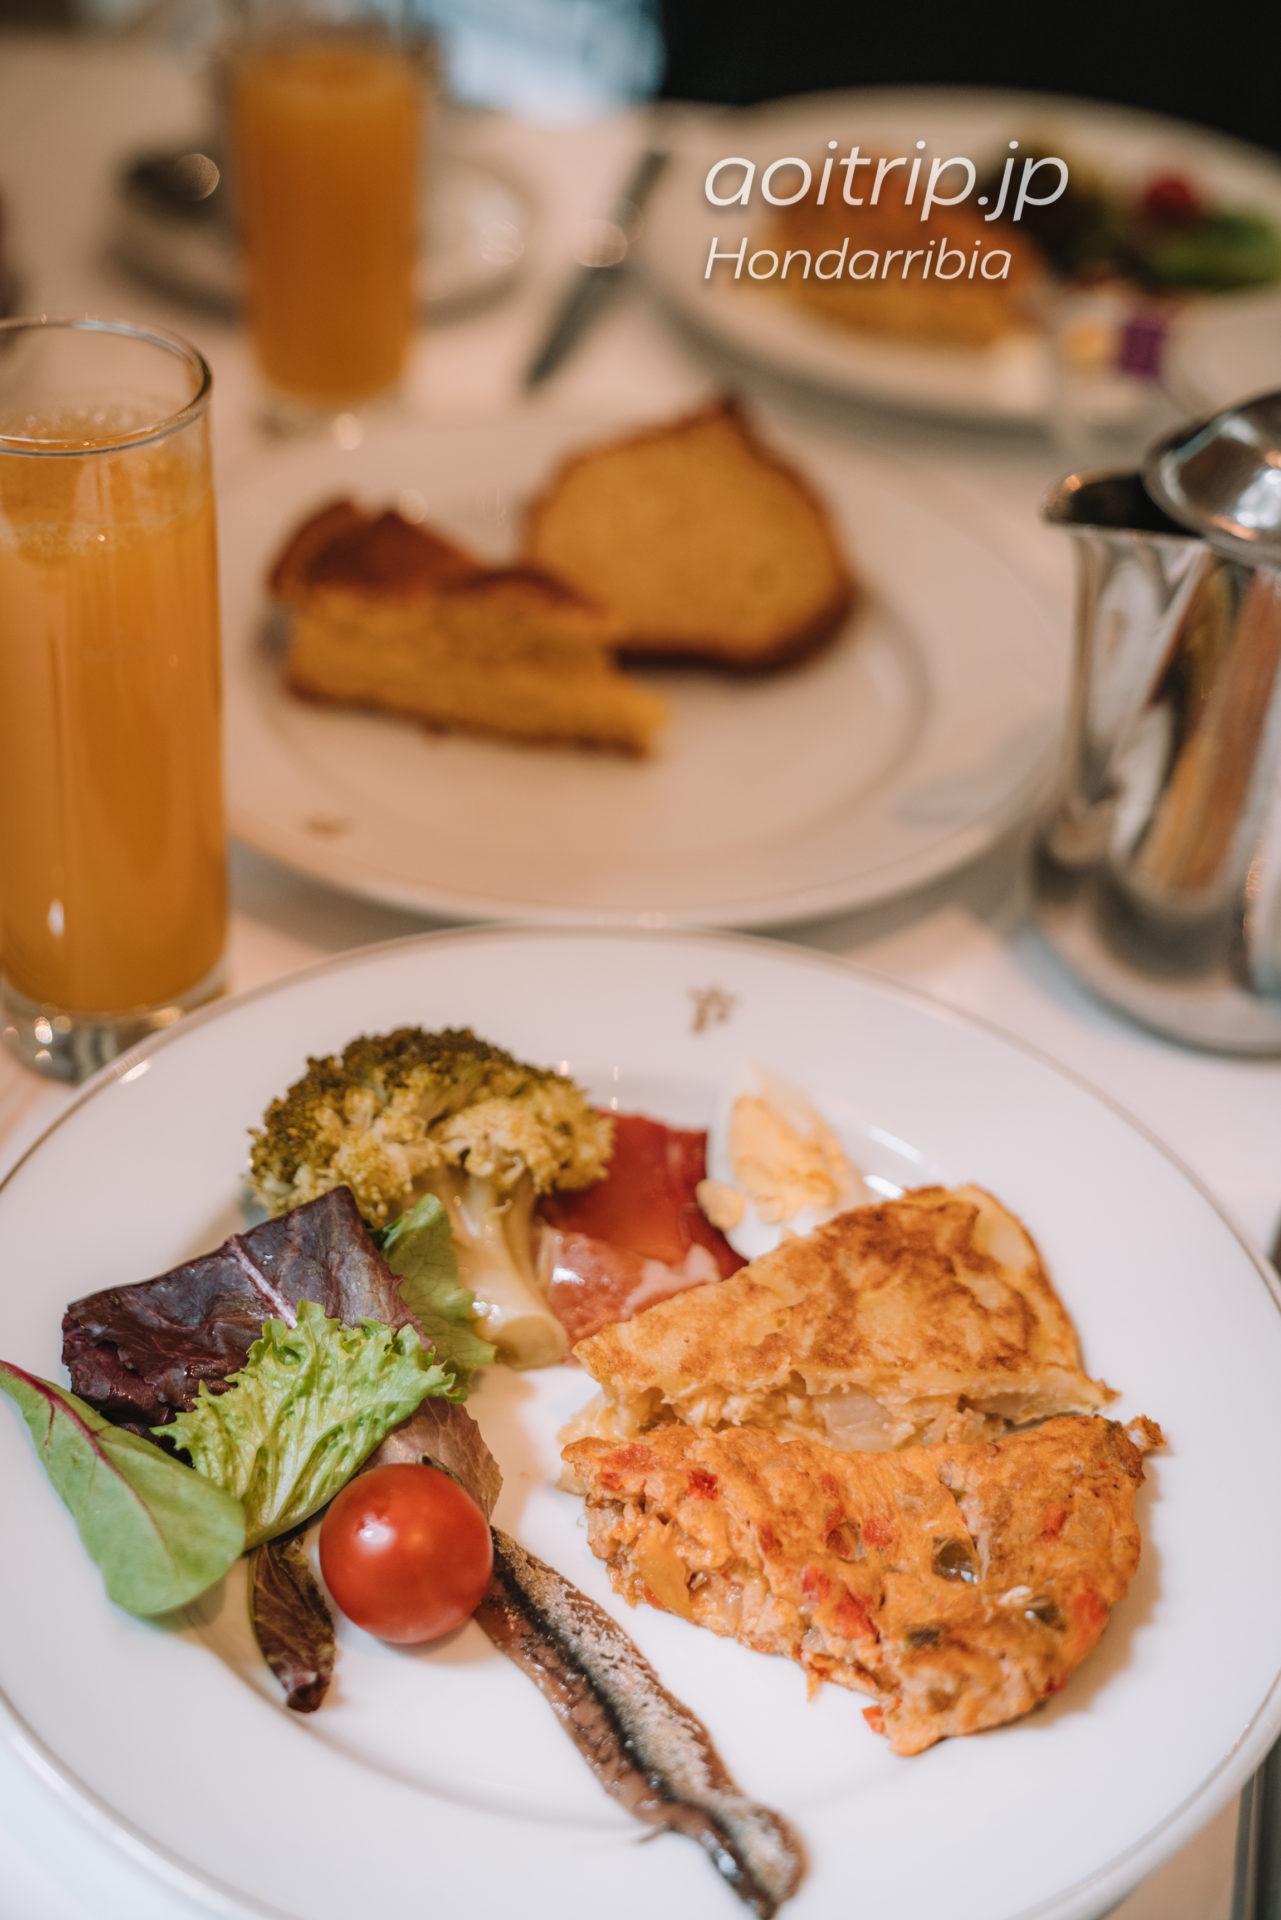 パラドールデオンダリビアの朝食